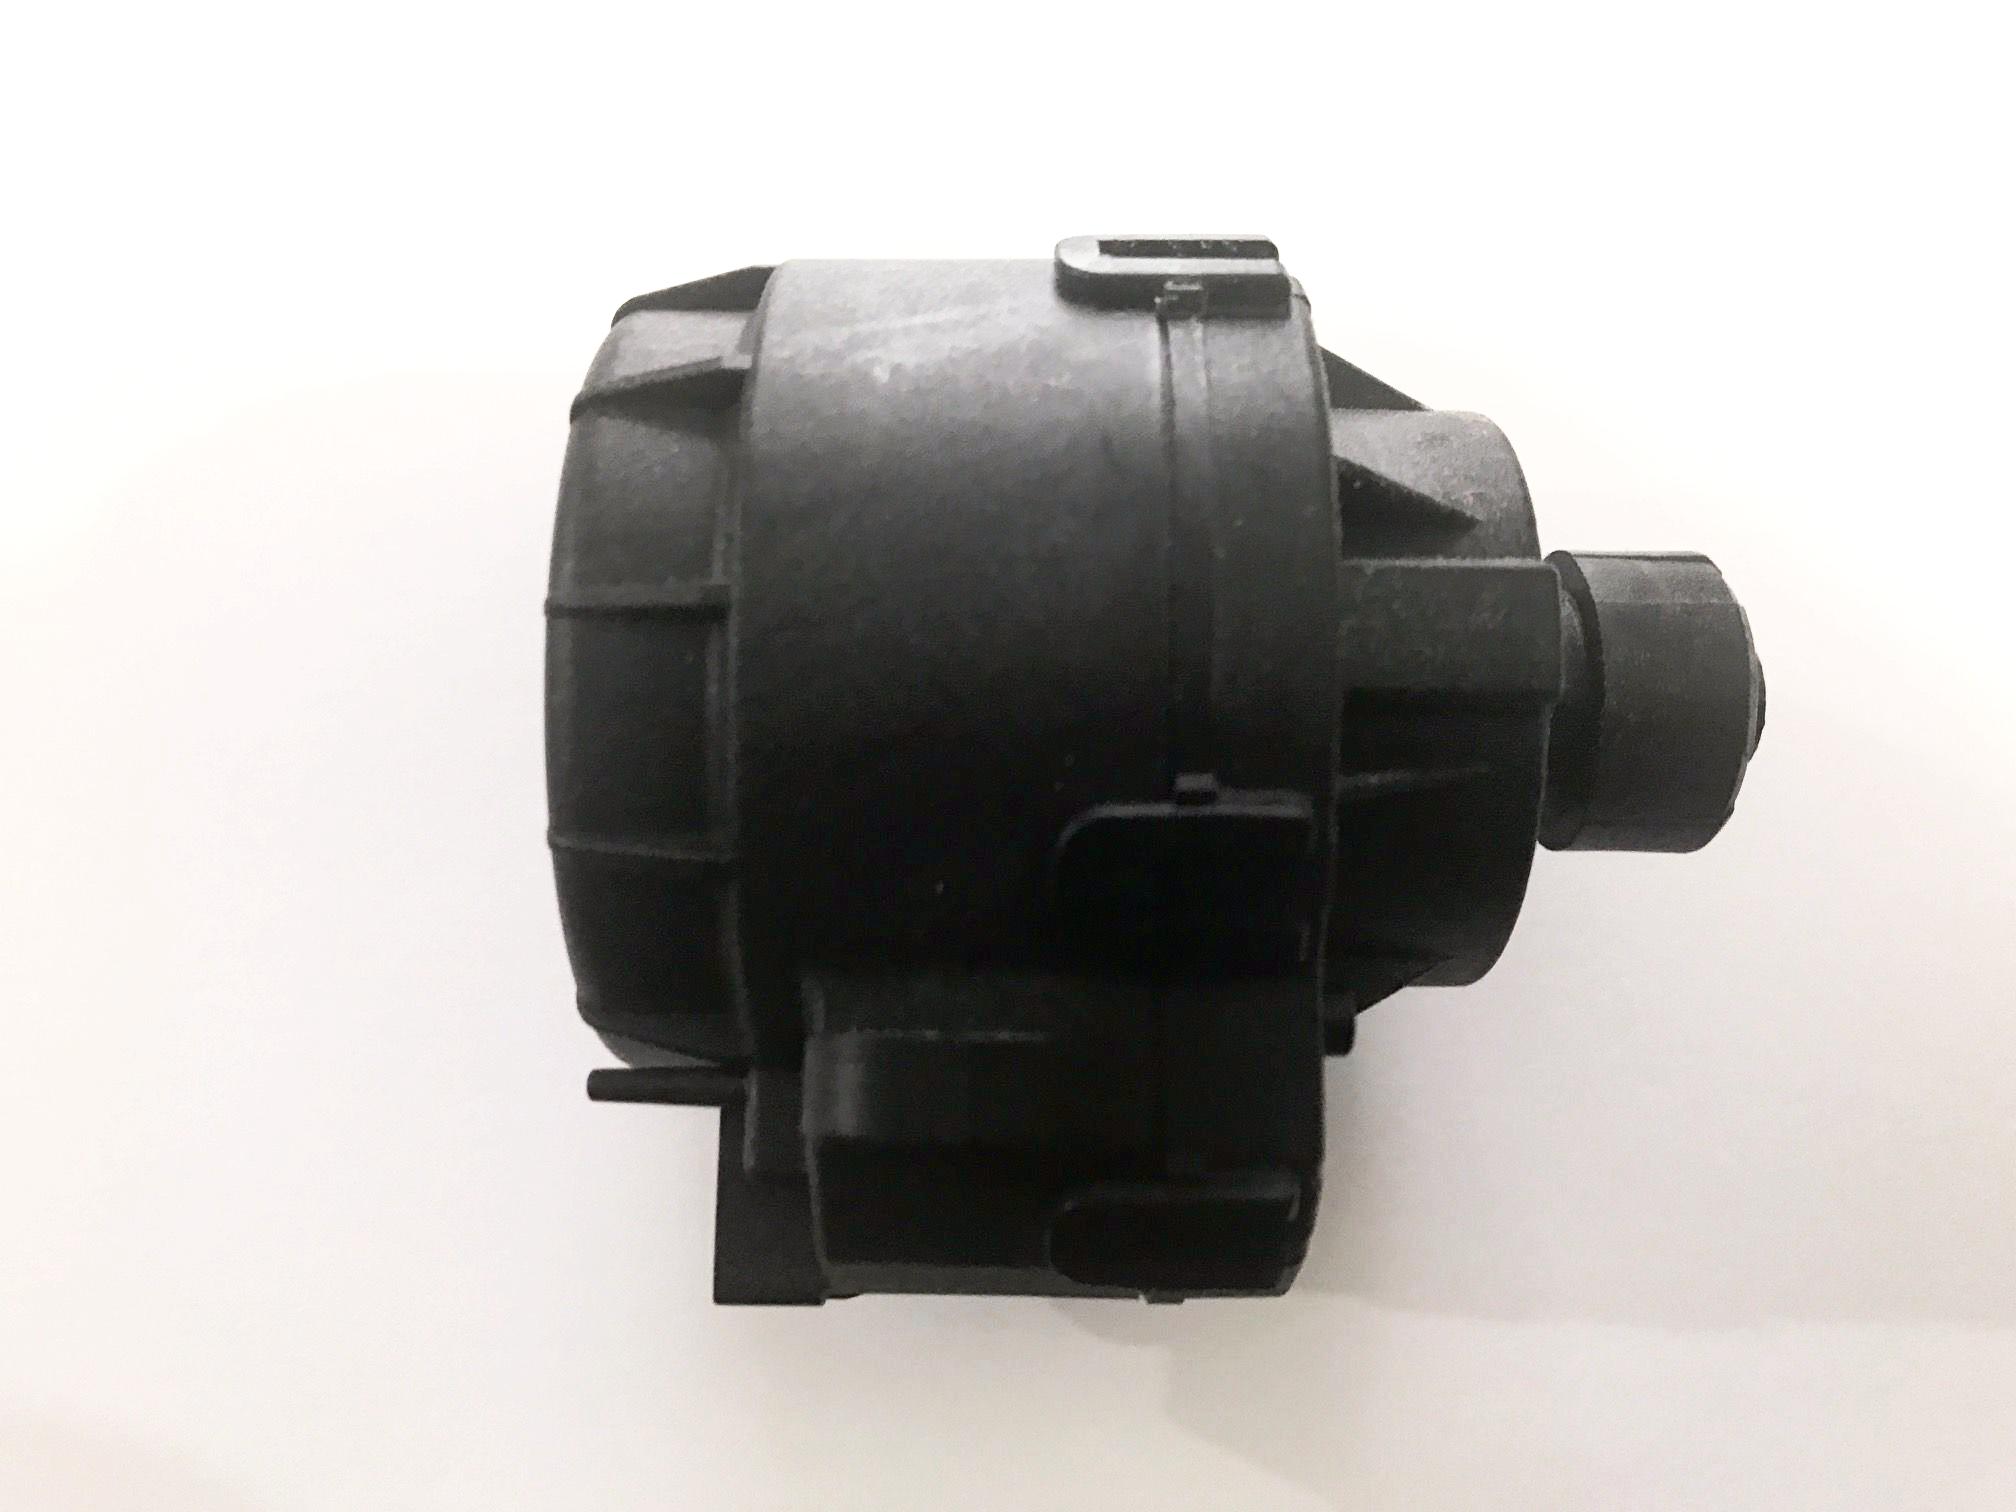 BIASI INOVIA 25C 30C 35C Diverter Valve Actuator Motor BI1431100